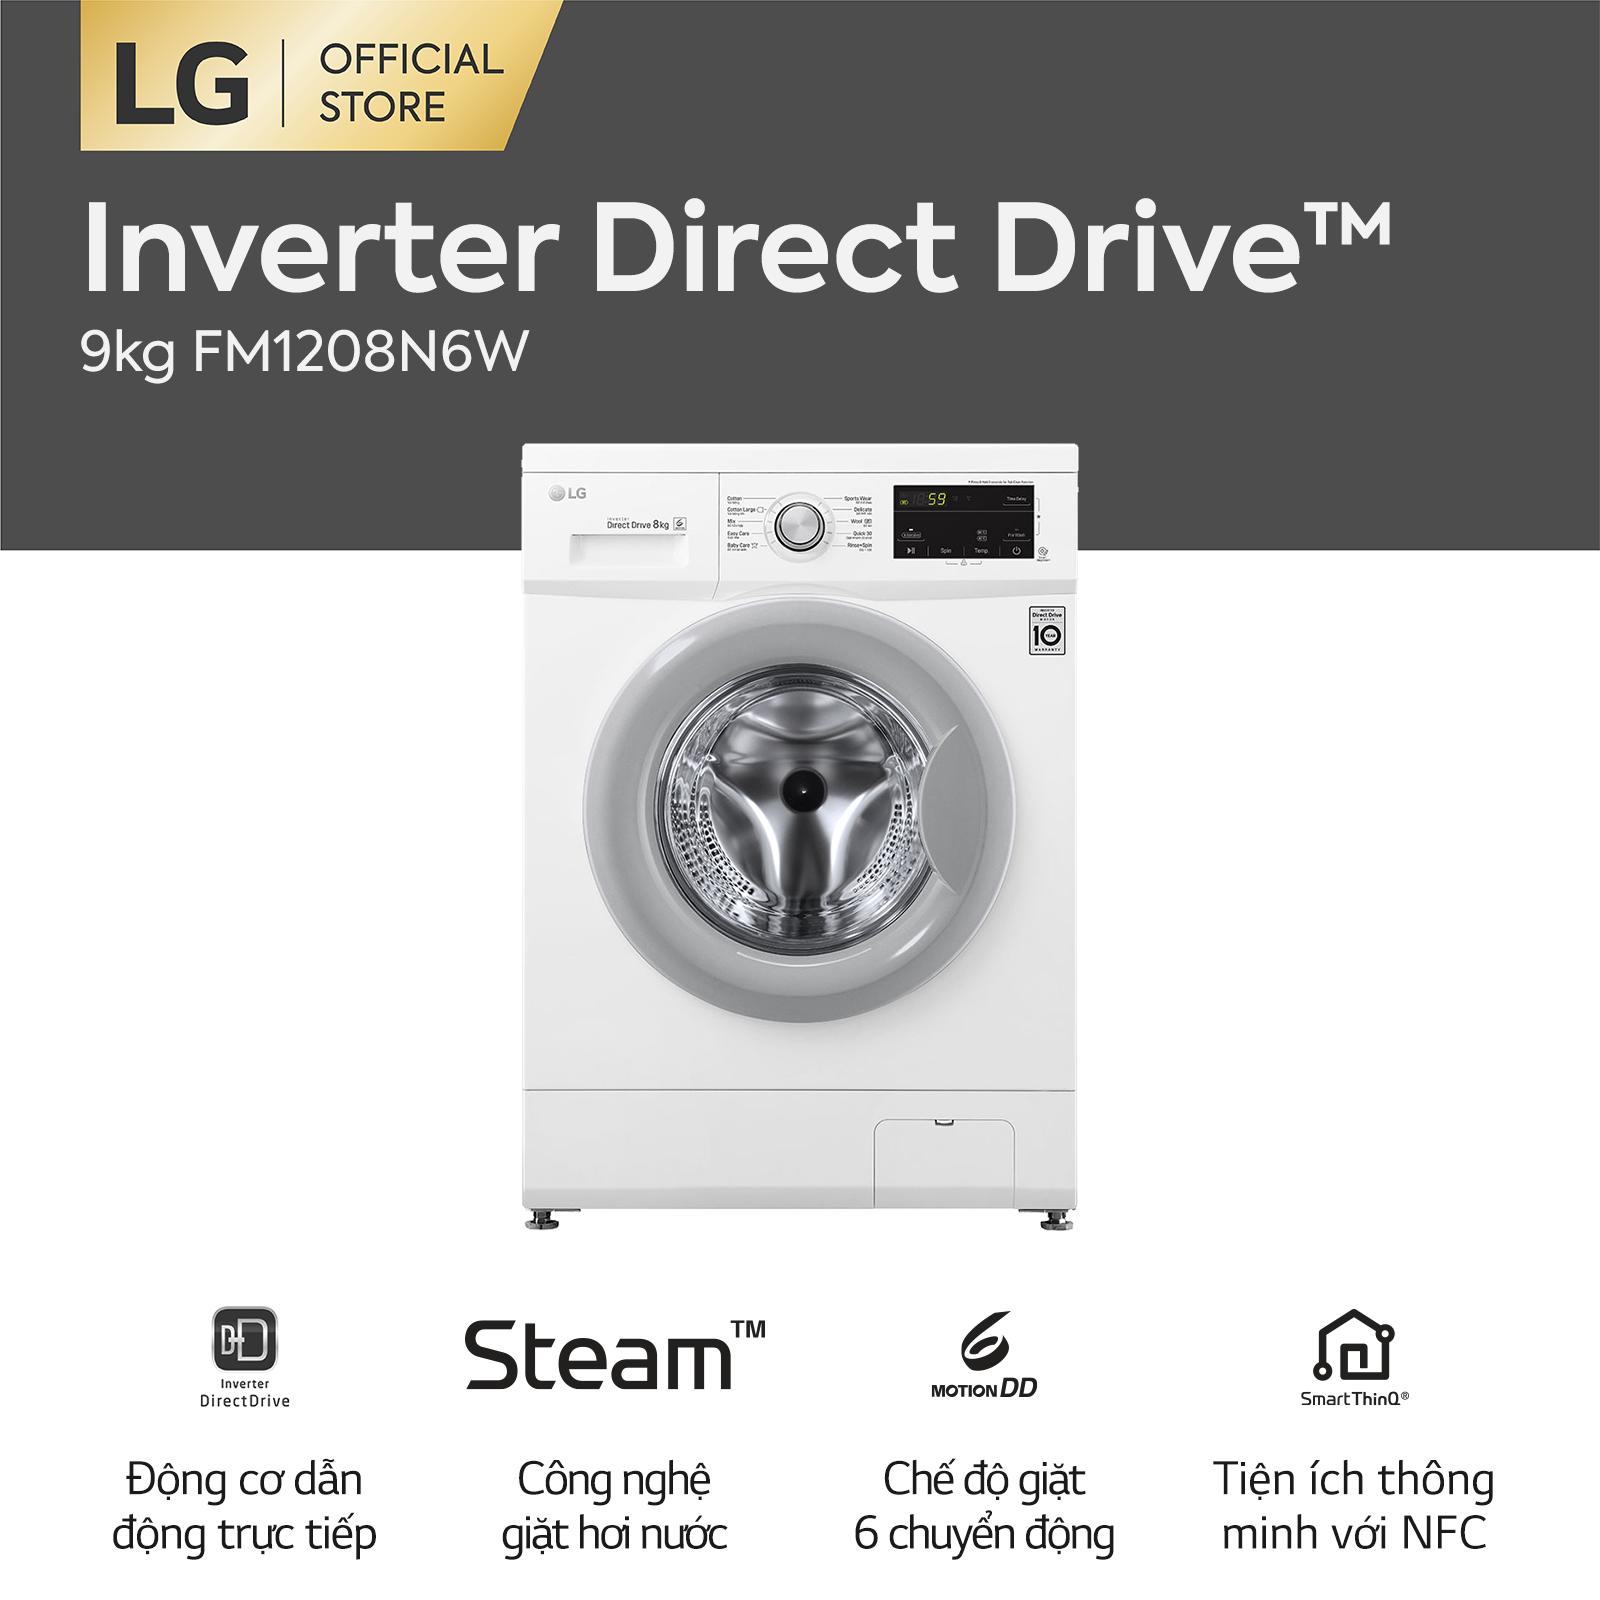 [FREESHIP 500K TOÀN QUỐC] Máy giặt lồng ngang LG Inverter Direct Drive™ FM1208N6W 8kg (Trắng) – Hãng phân phối chính thức